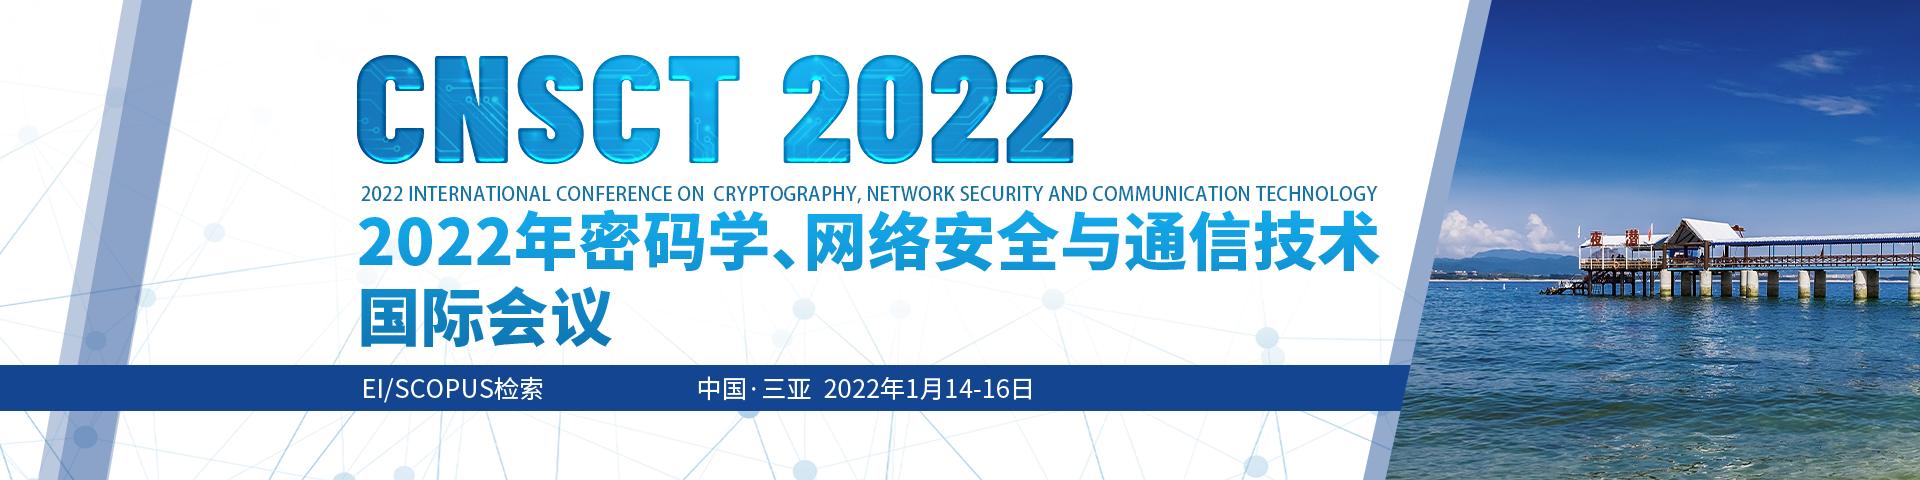 1月三亚-CNSCT2022-会议艾思banner-张寅婕-20210804.png